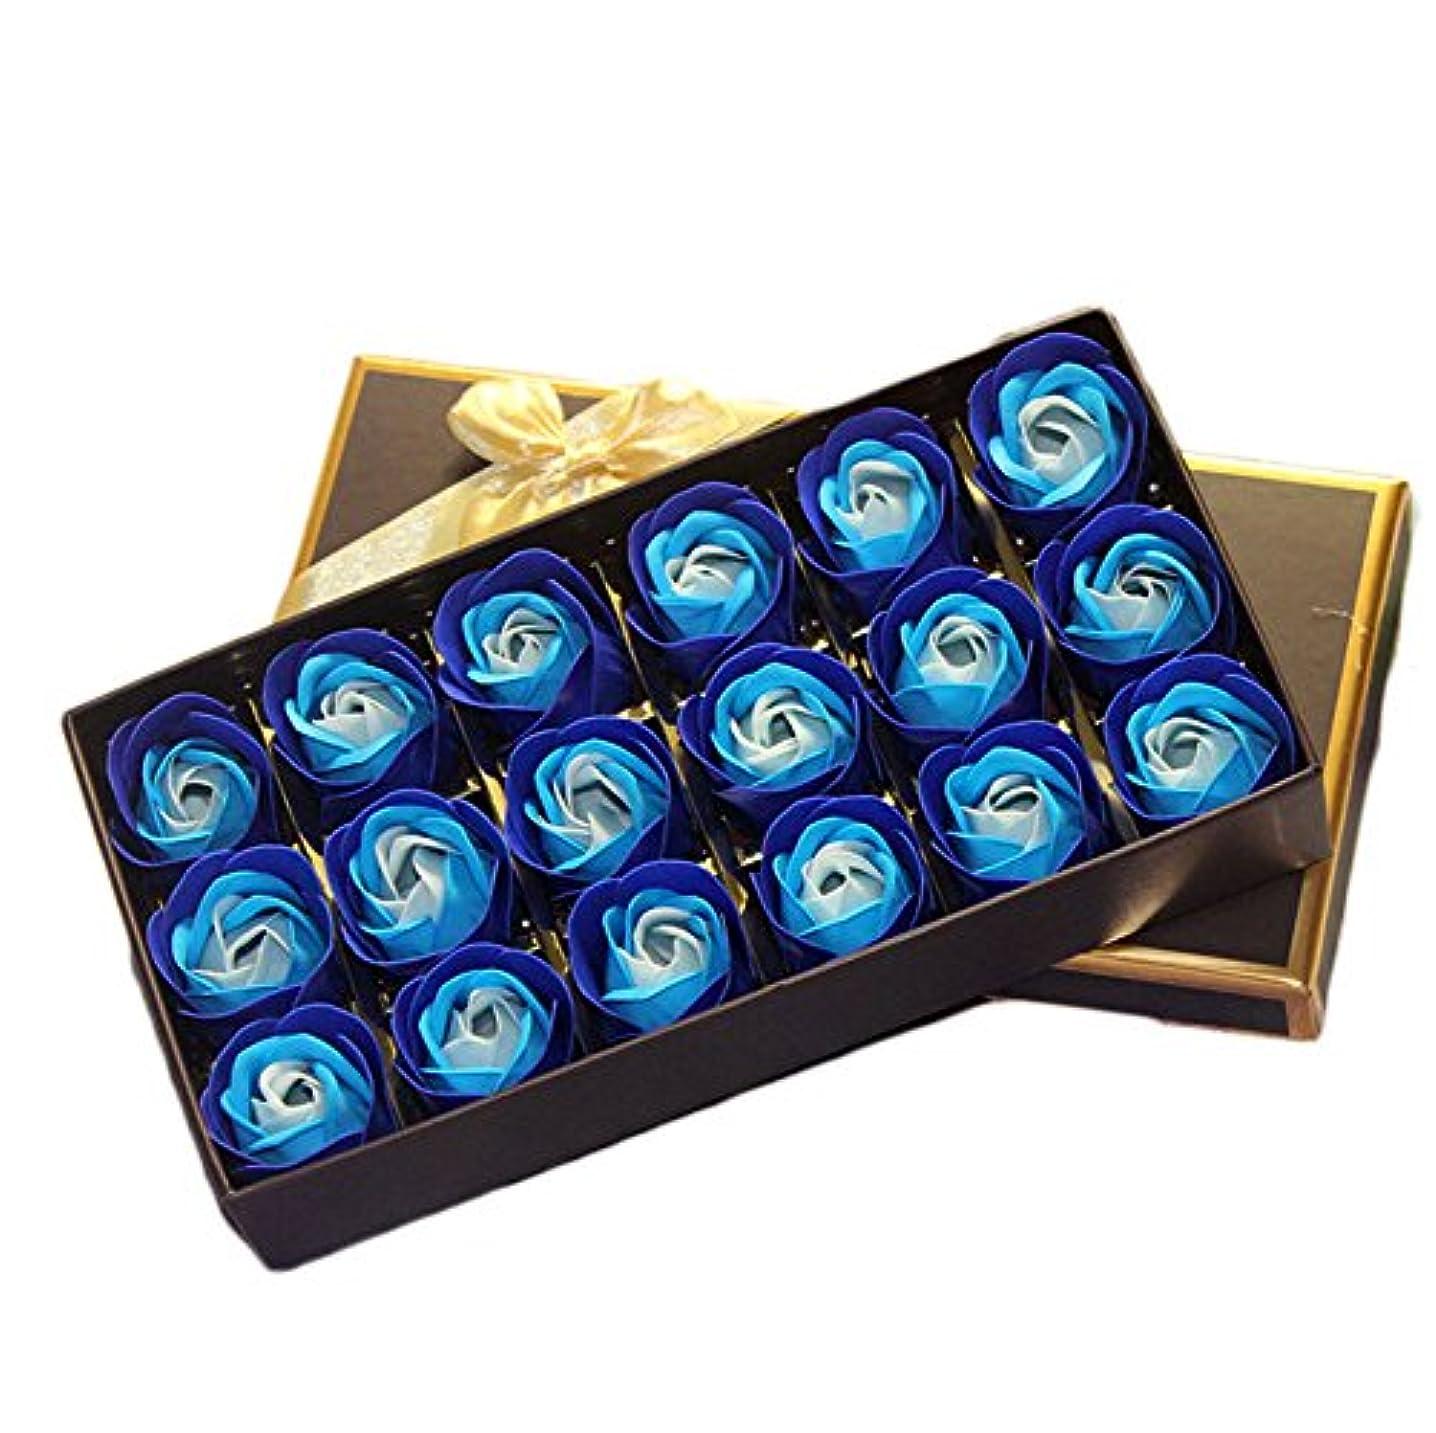 私たち自身複合後者18個バラ型 フラワーソープ ギフトボックス入り 石鹸 花 バラ セット 手作り 洗う 手 お風呂 香り 贈り物 (青 1)